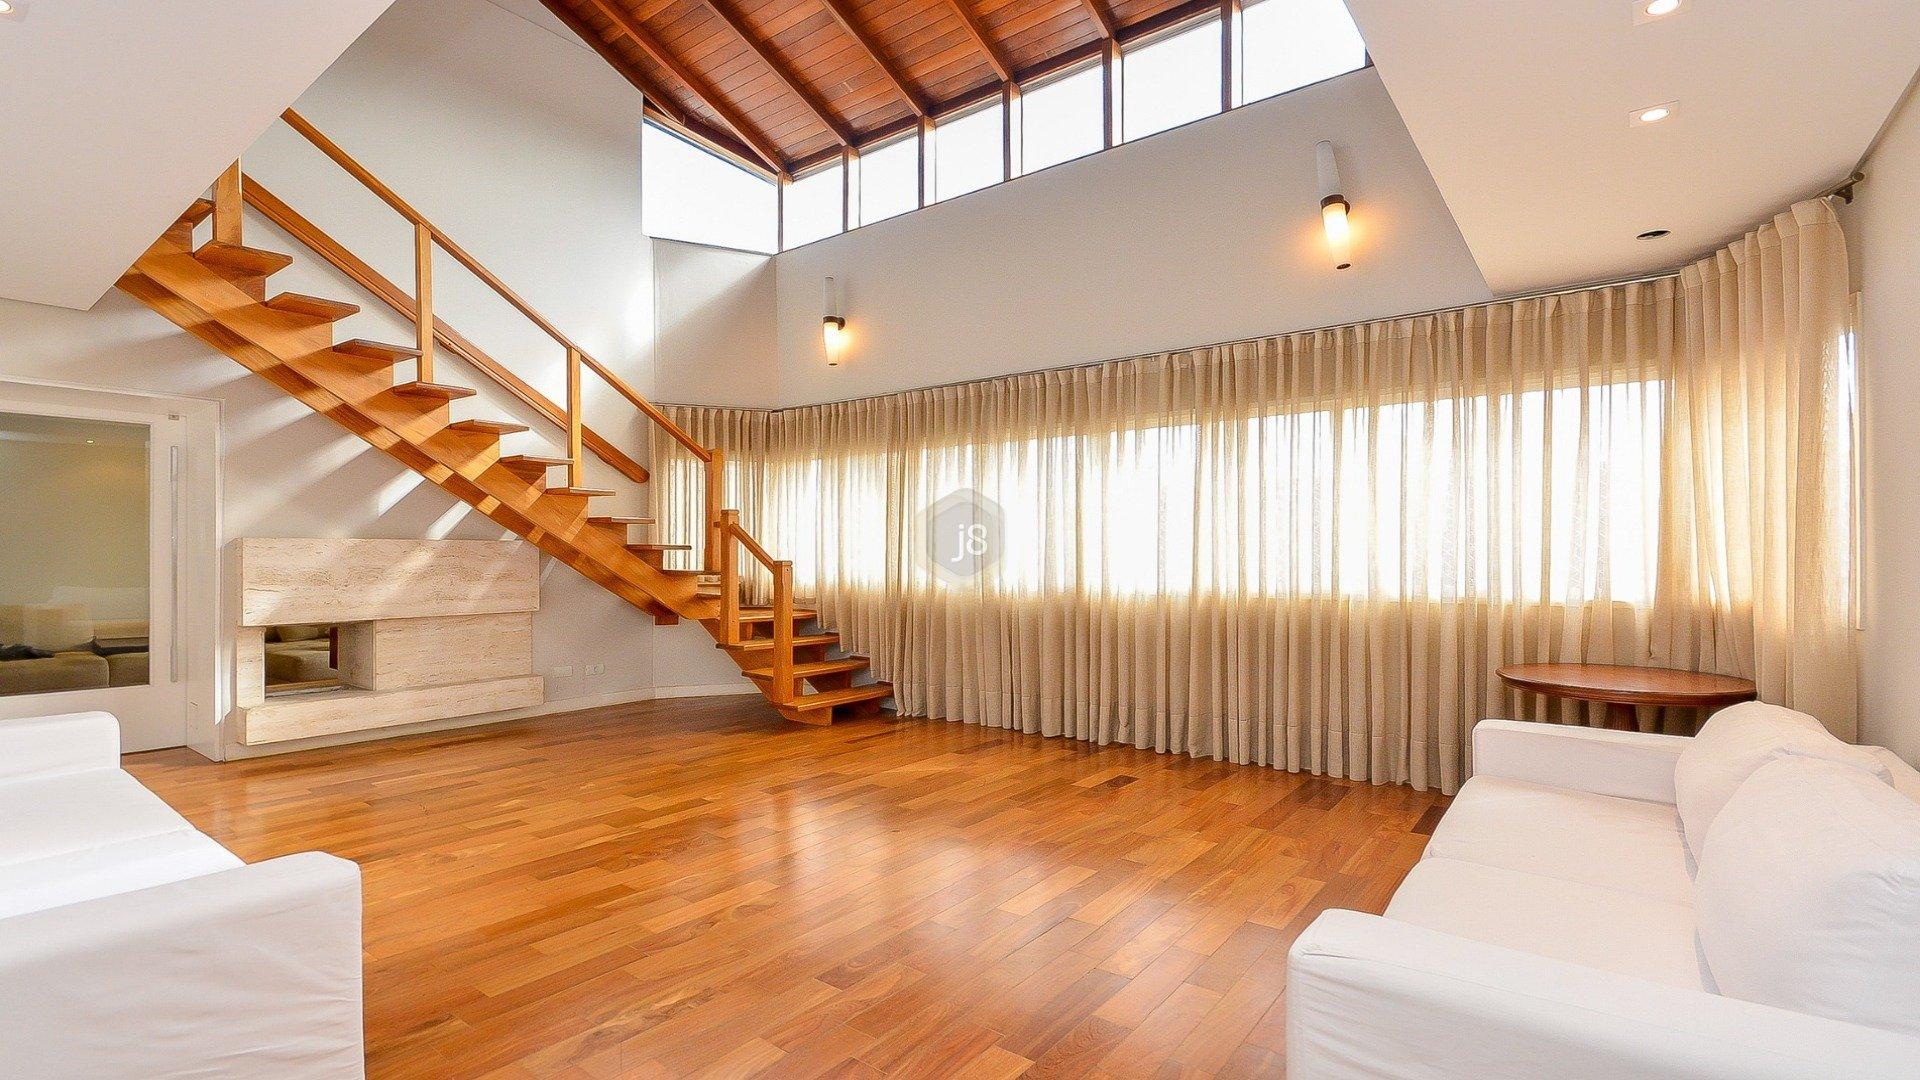 Foto de destaque Praticidade, conforto e localização em um lugar só!